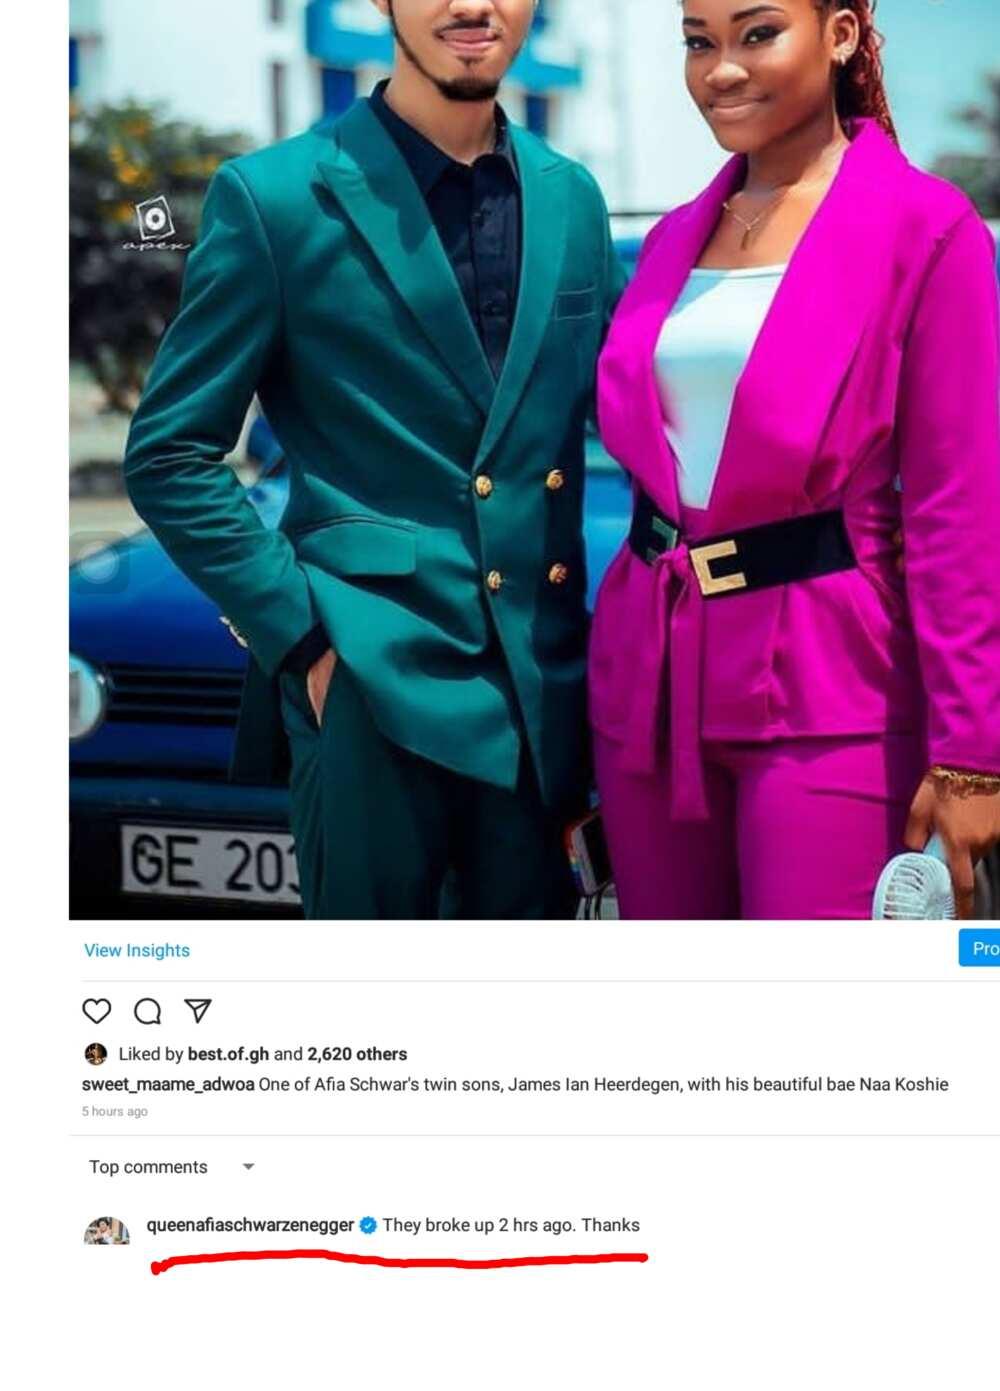 Afia Schwar's Twin Son James Ian Heerdegen And Girlfriend Break Up After Viral Bedroom Photo